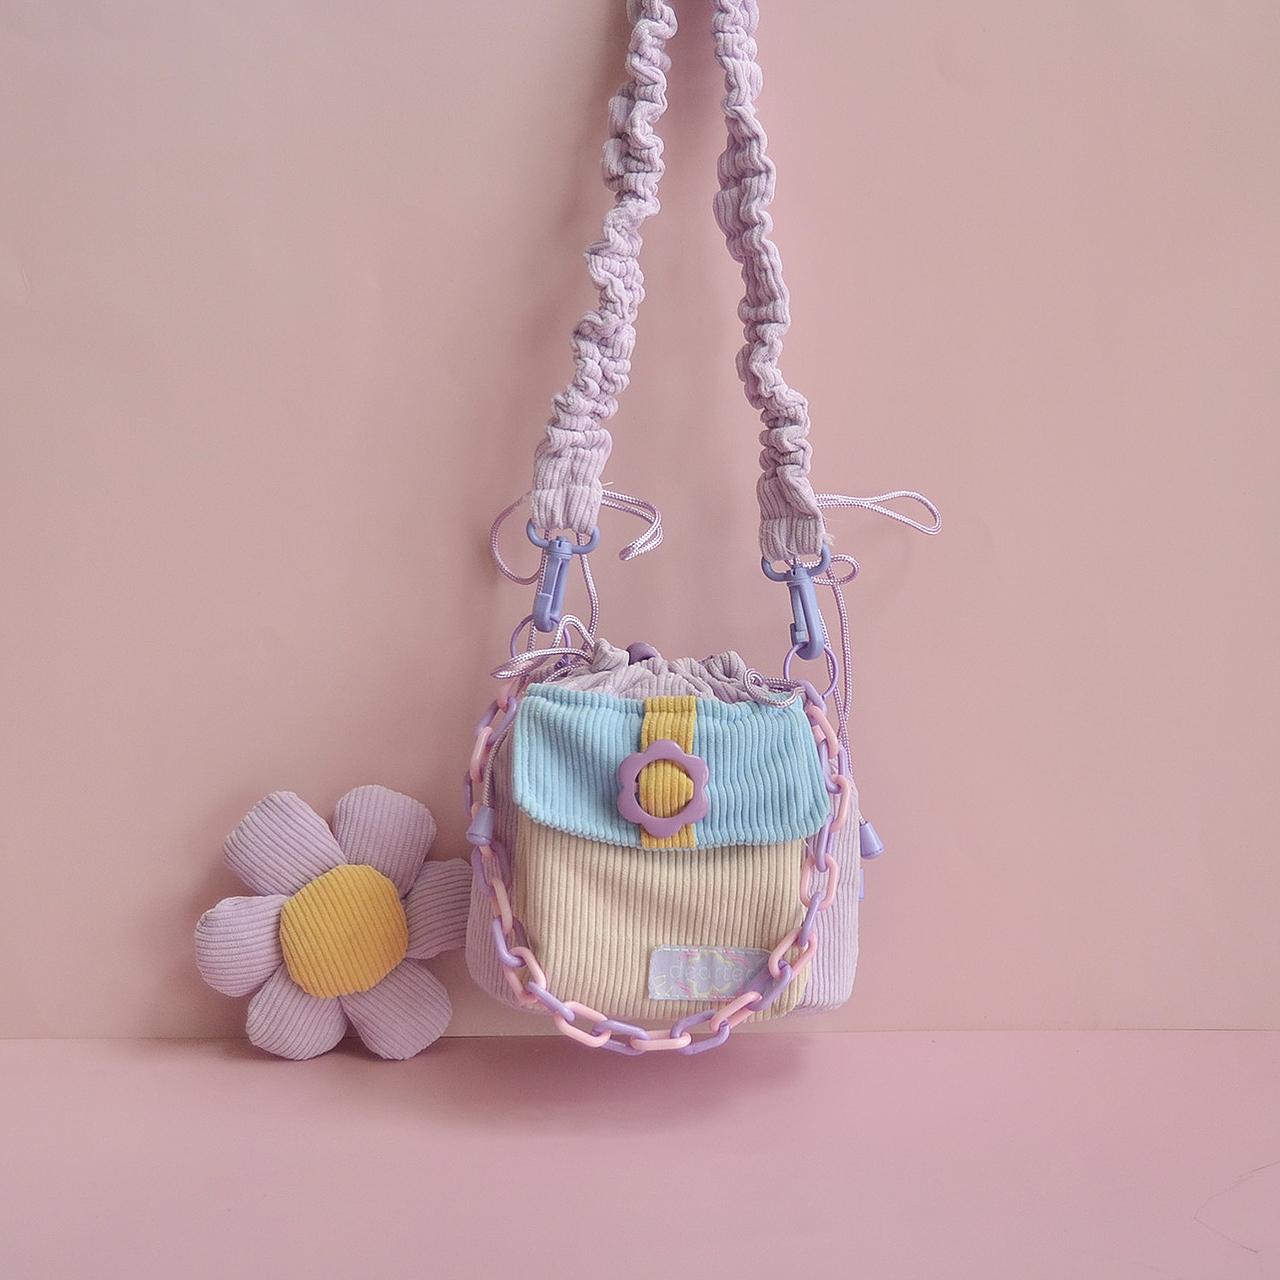 紫色水桶包 原创紫色包包女斜挎包 灯芯绒撞色花朵包包可爱少女斜挎水桶包女_推荐淘宝好看的紫色水桶包